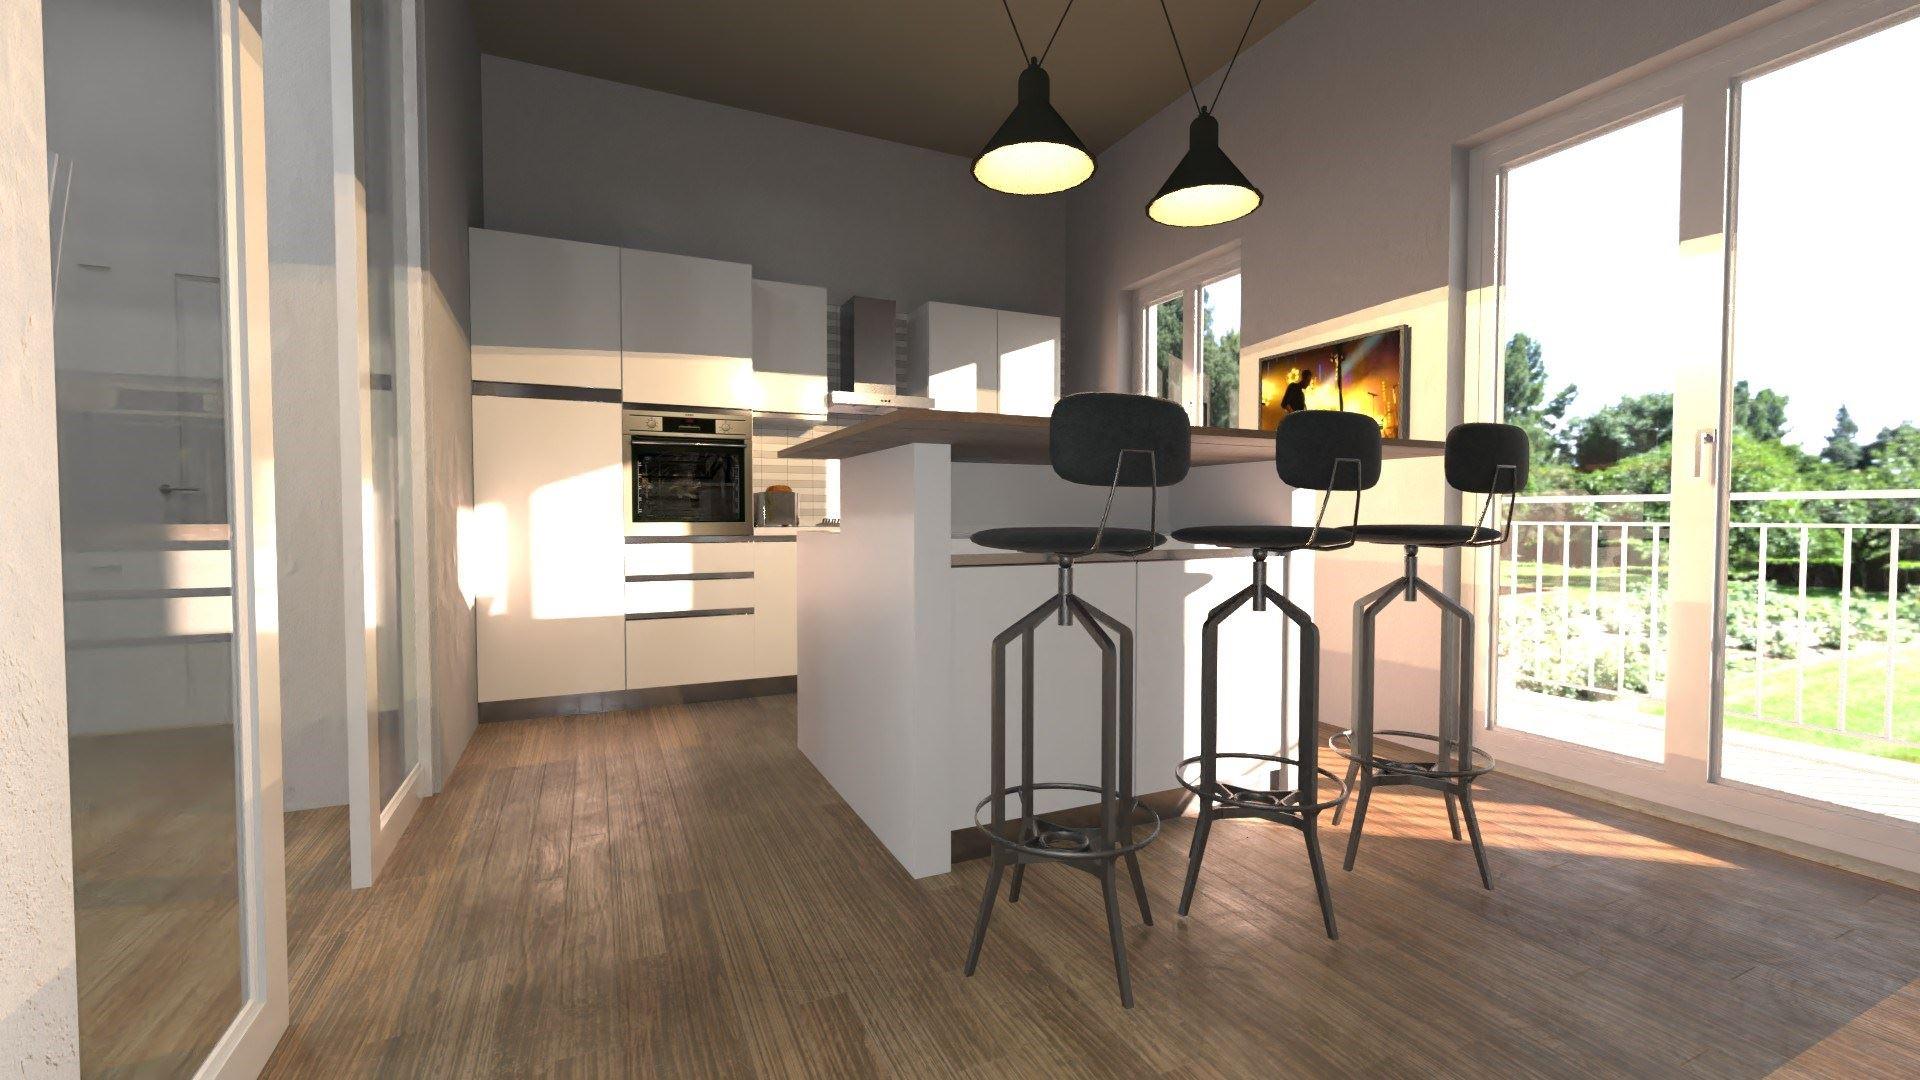 esempio di ristrutturazione con la realtà virtuale - Render realizzato con Edificius